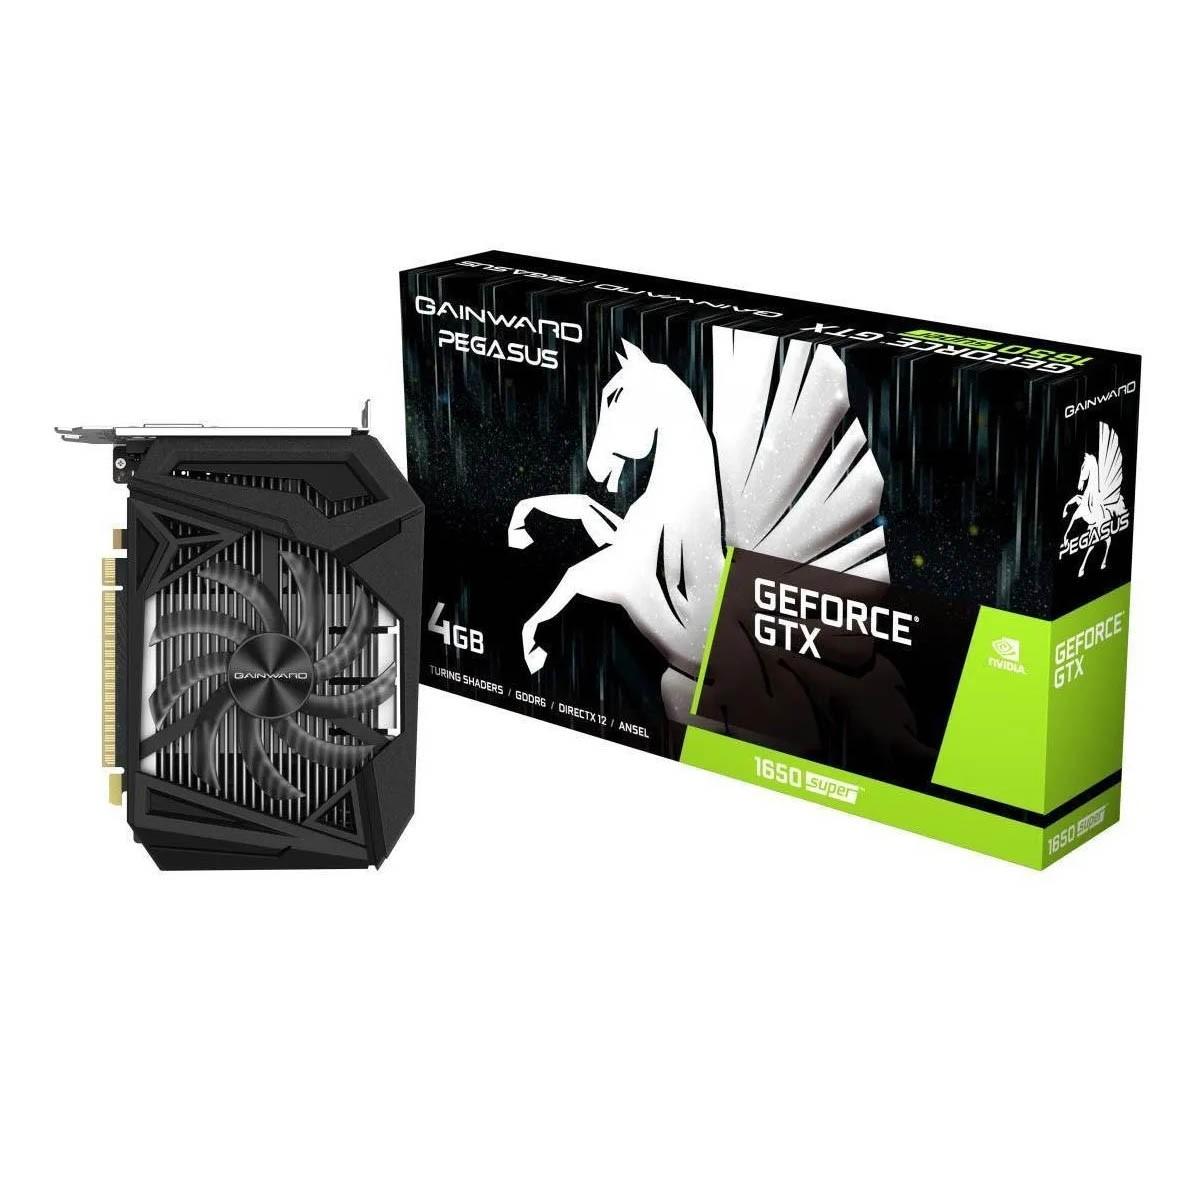 Placa De Video Gtx 1650 4gb Gainward Super Pegasus Nvidia - NE6165S018G1-166F